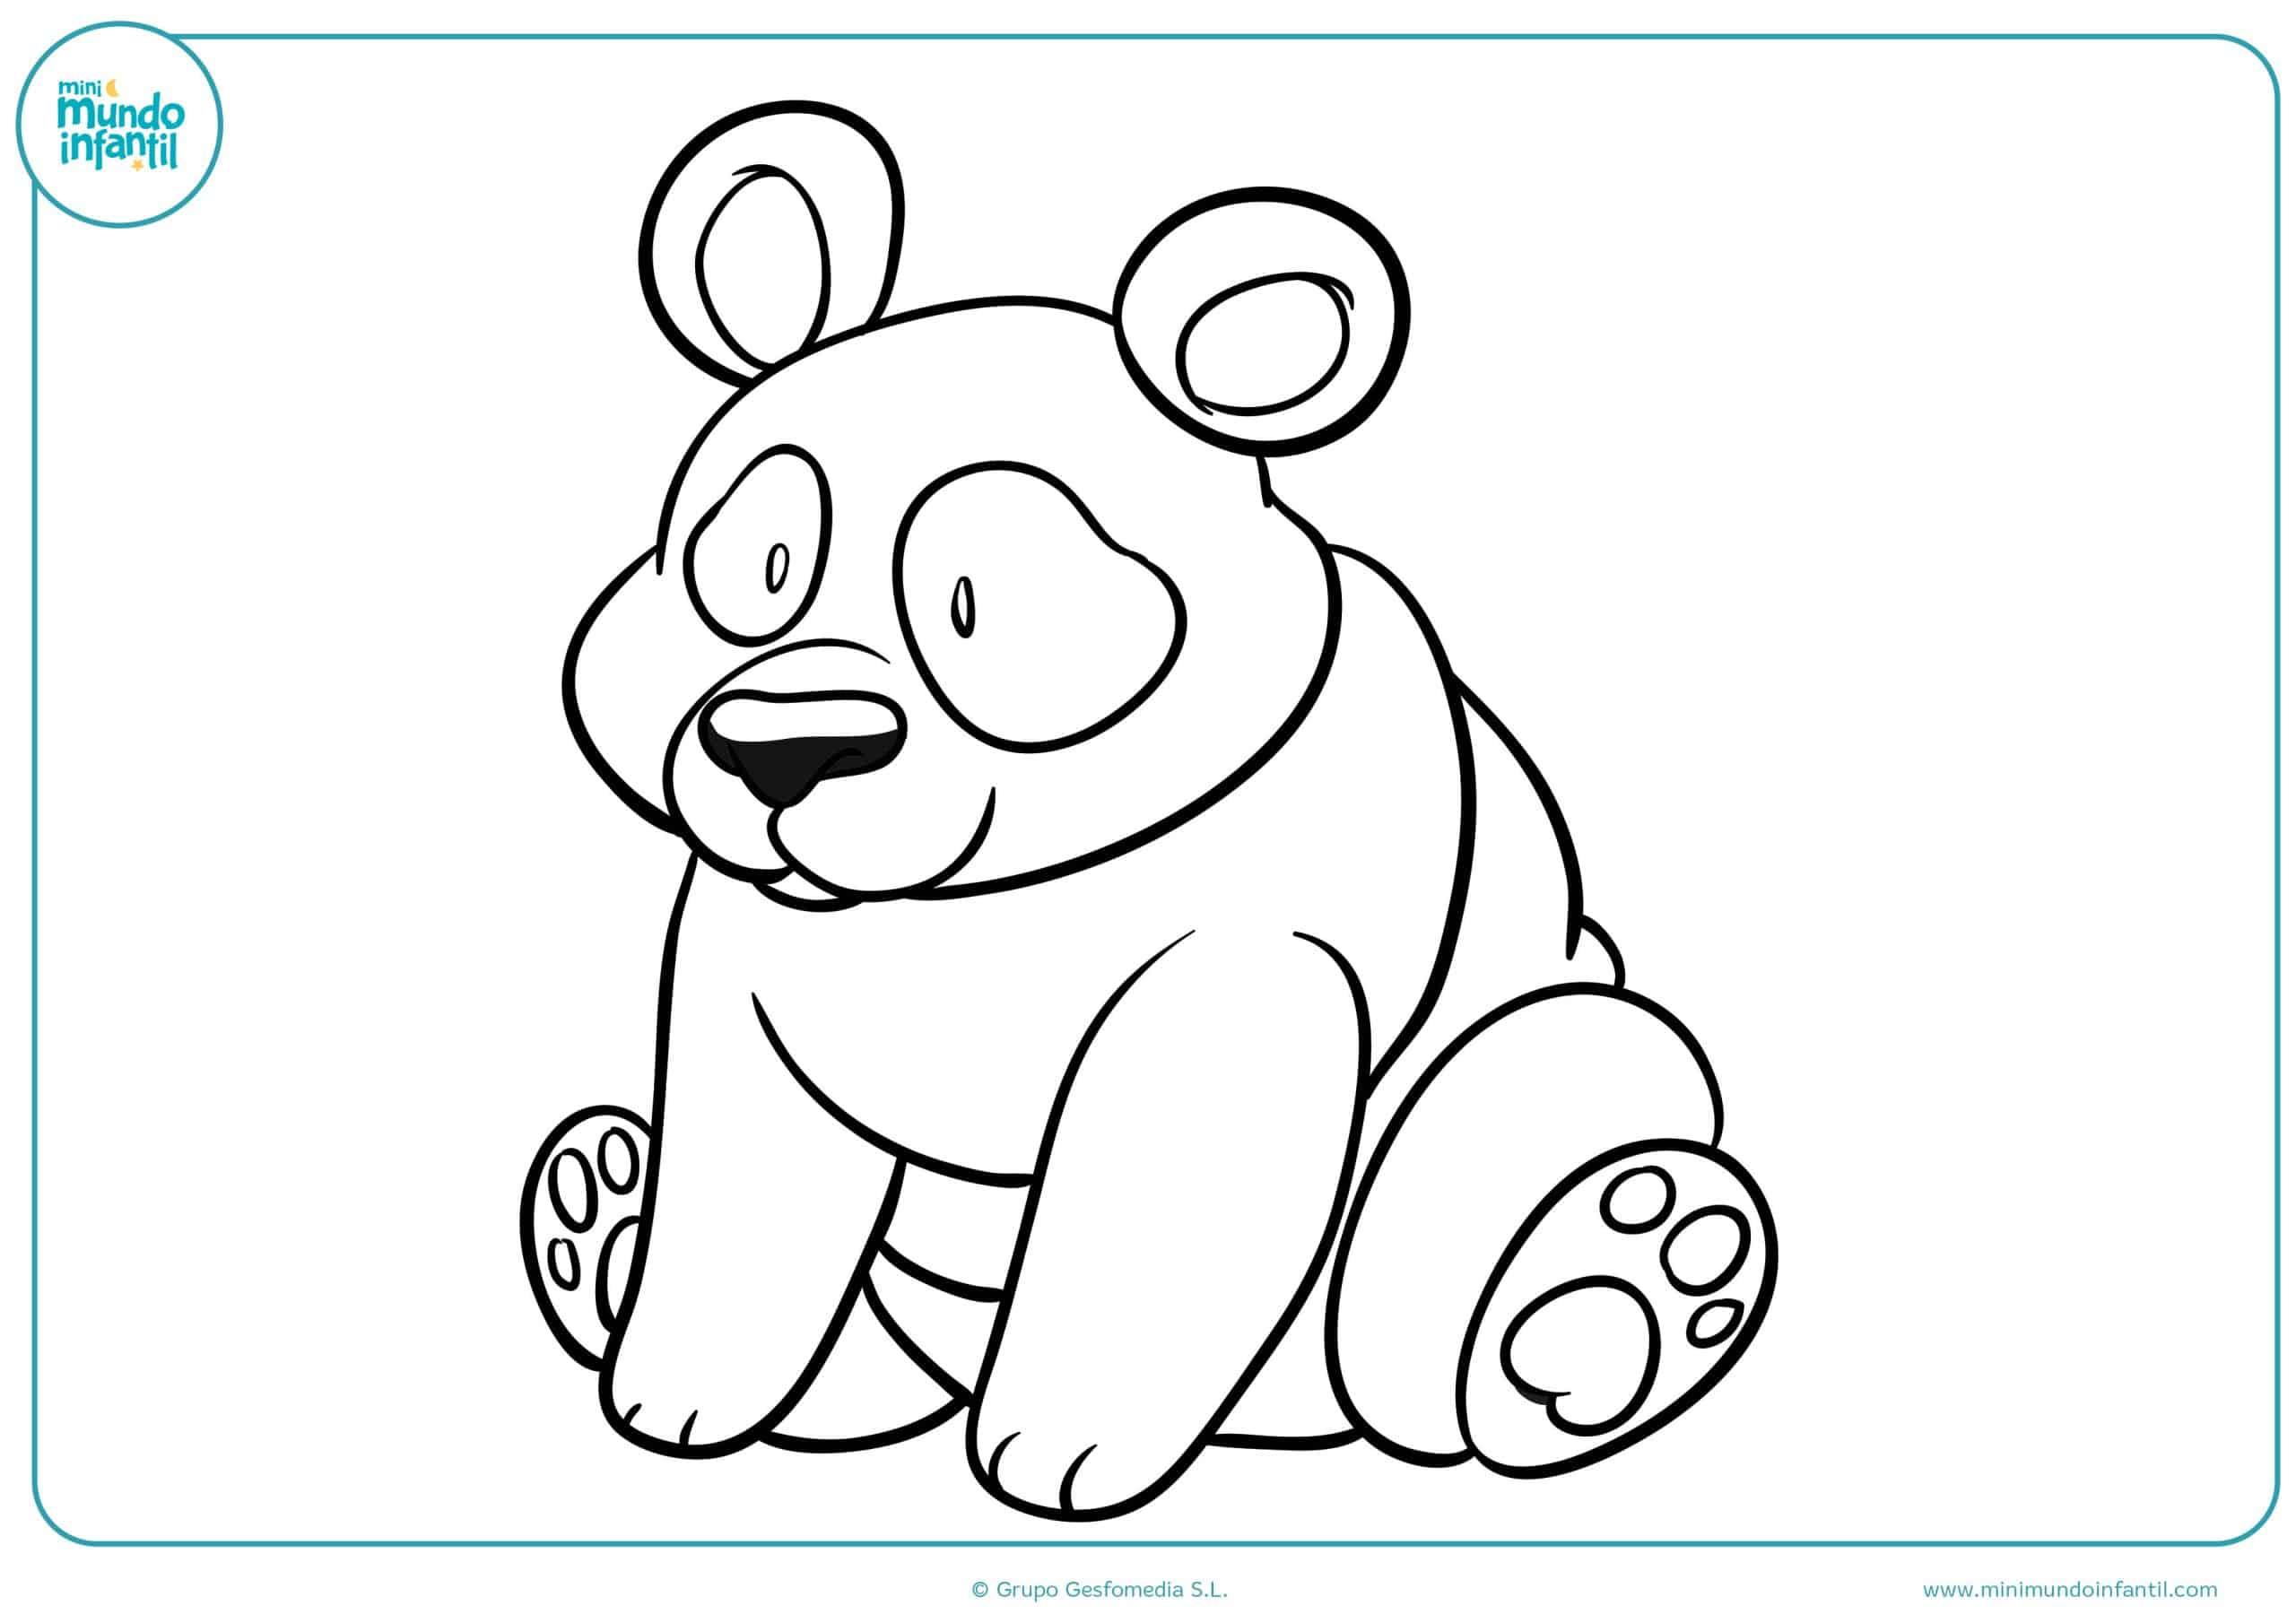 Magnífico Oso Panda Para Colorear Colección de Imágenes - Dibujos ...